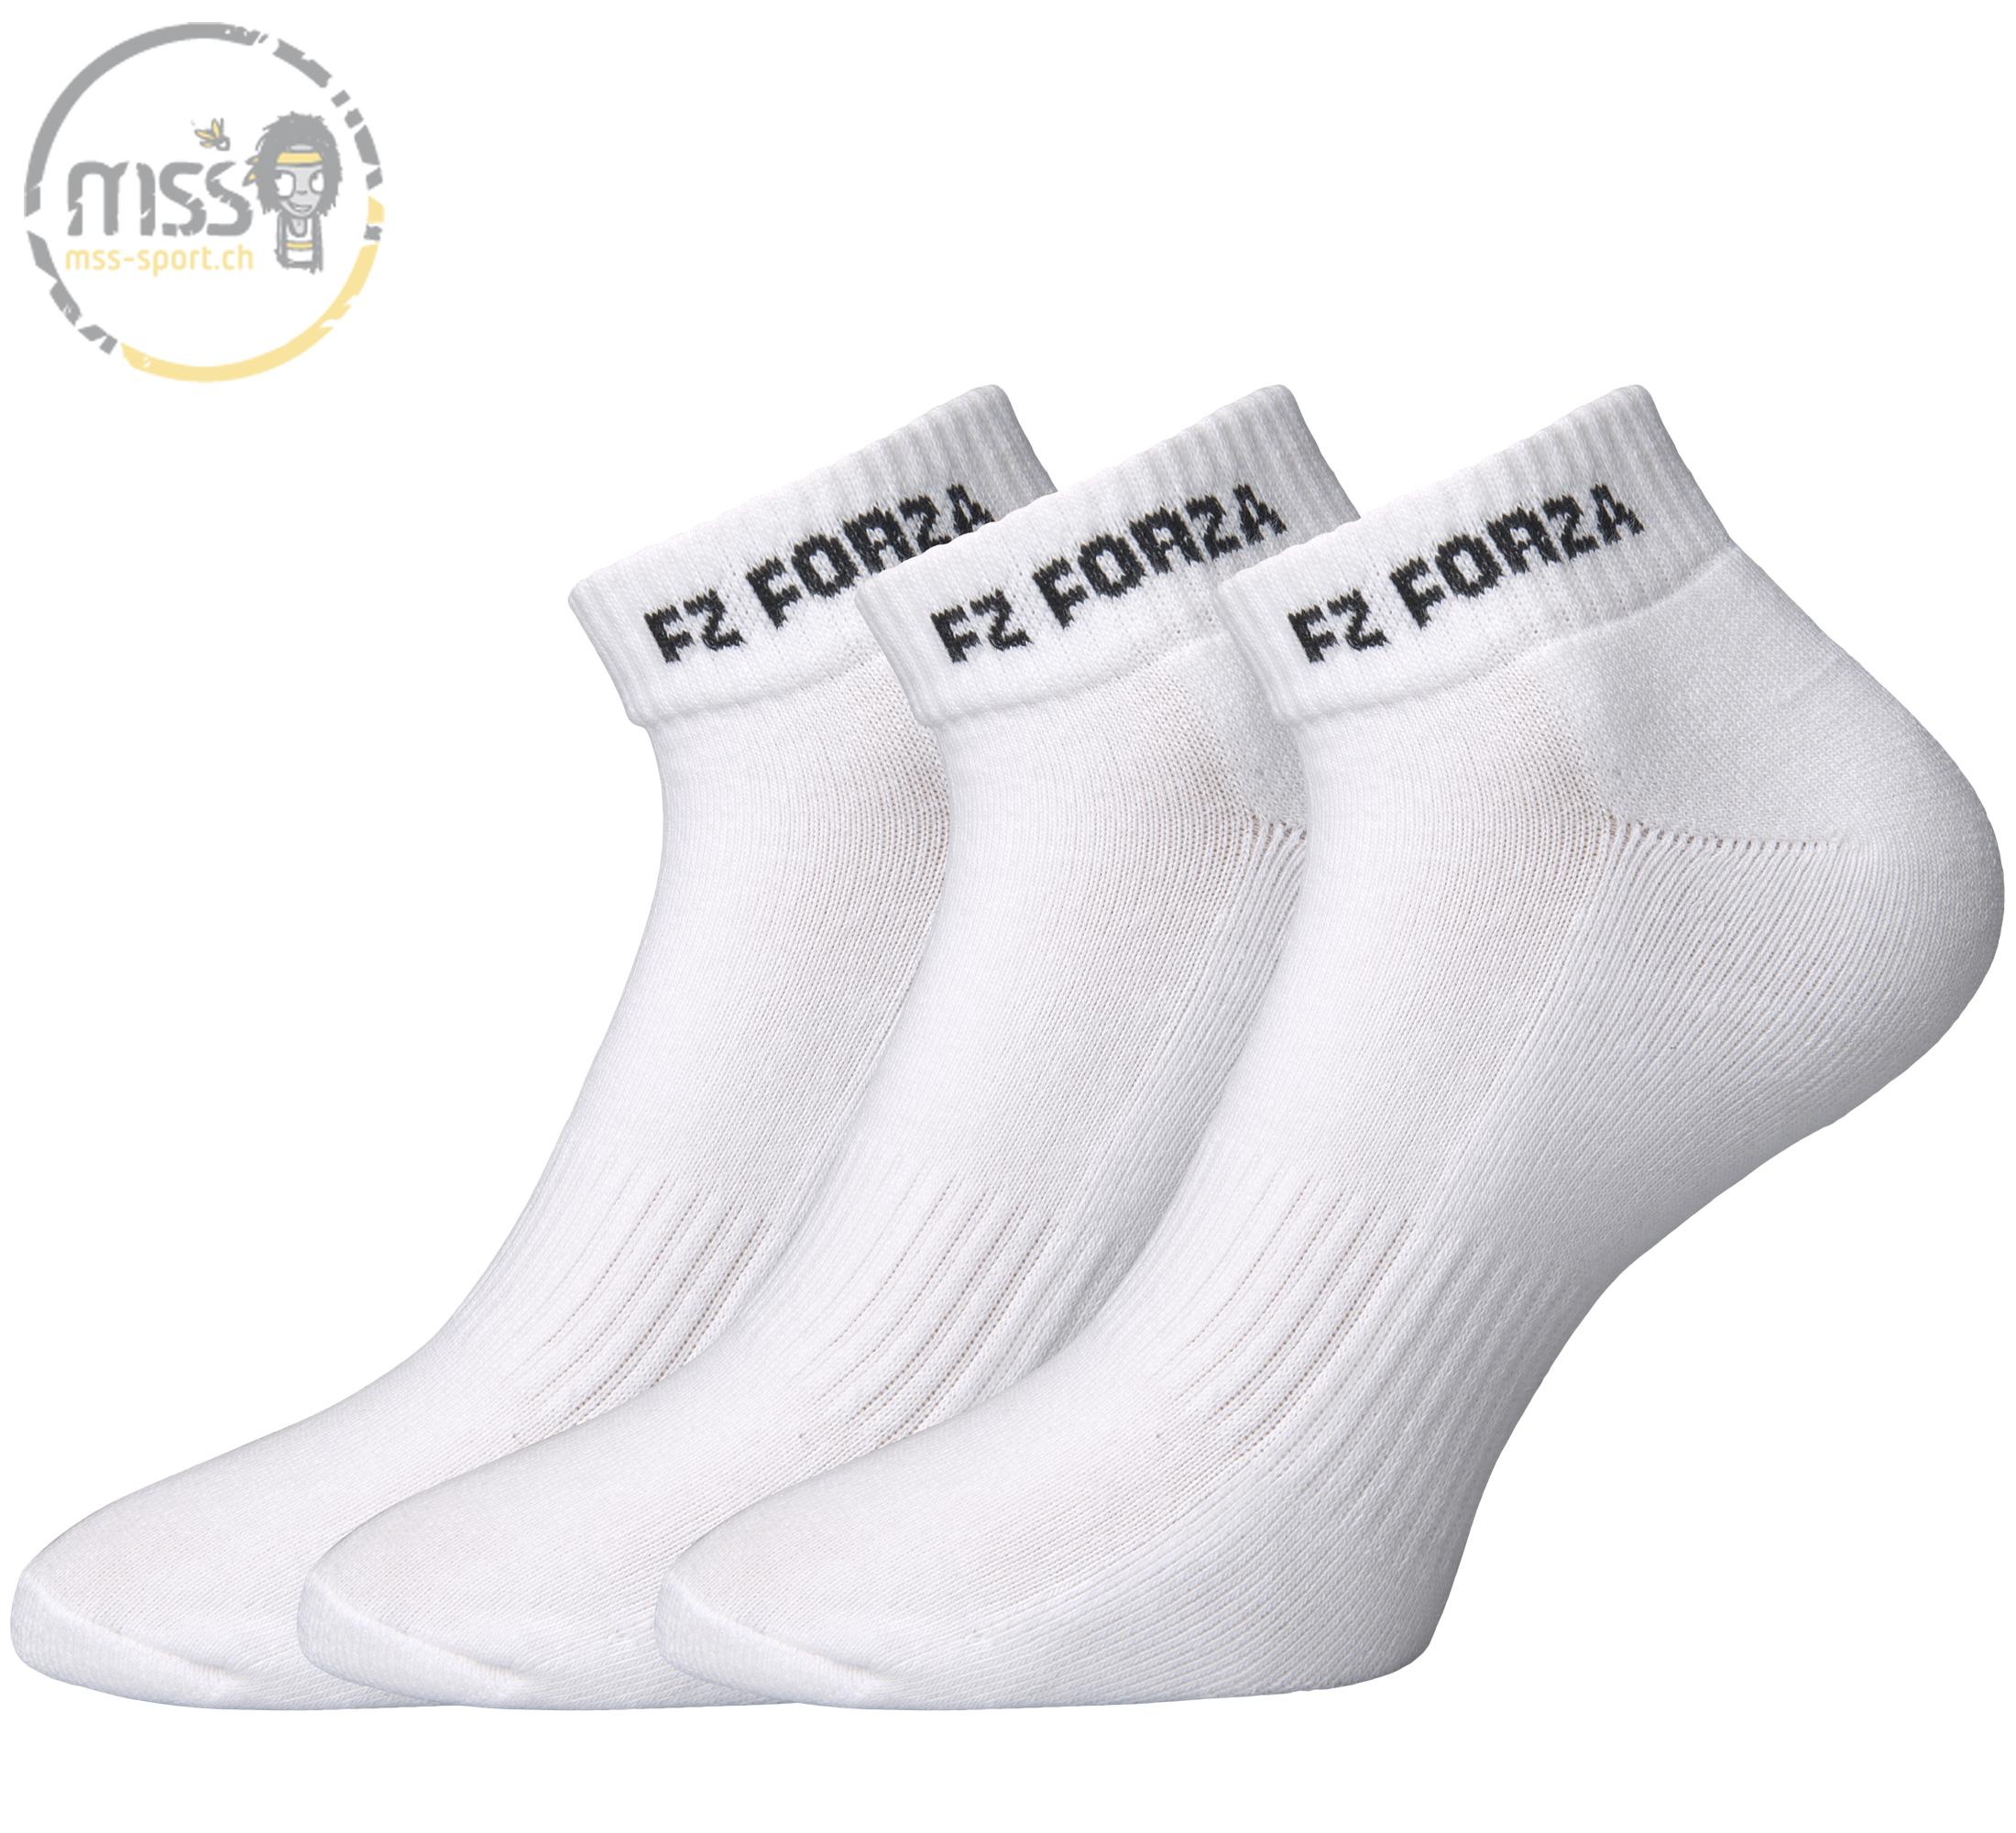 Forza Sock Comfort short white 3pack